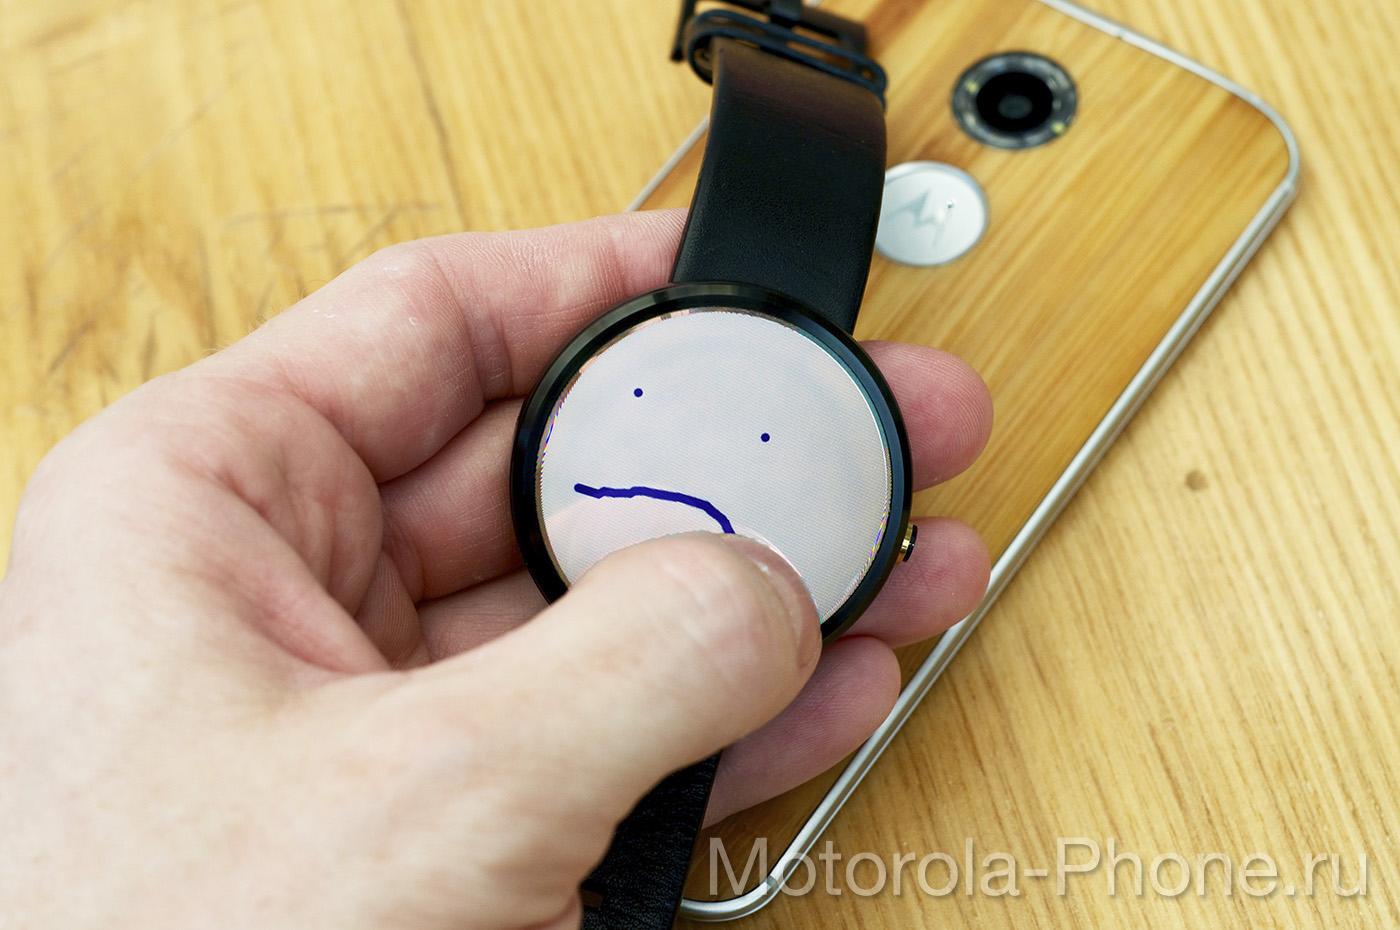 Motorola-Moto-360-Android-Wear-5-1-28 copy